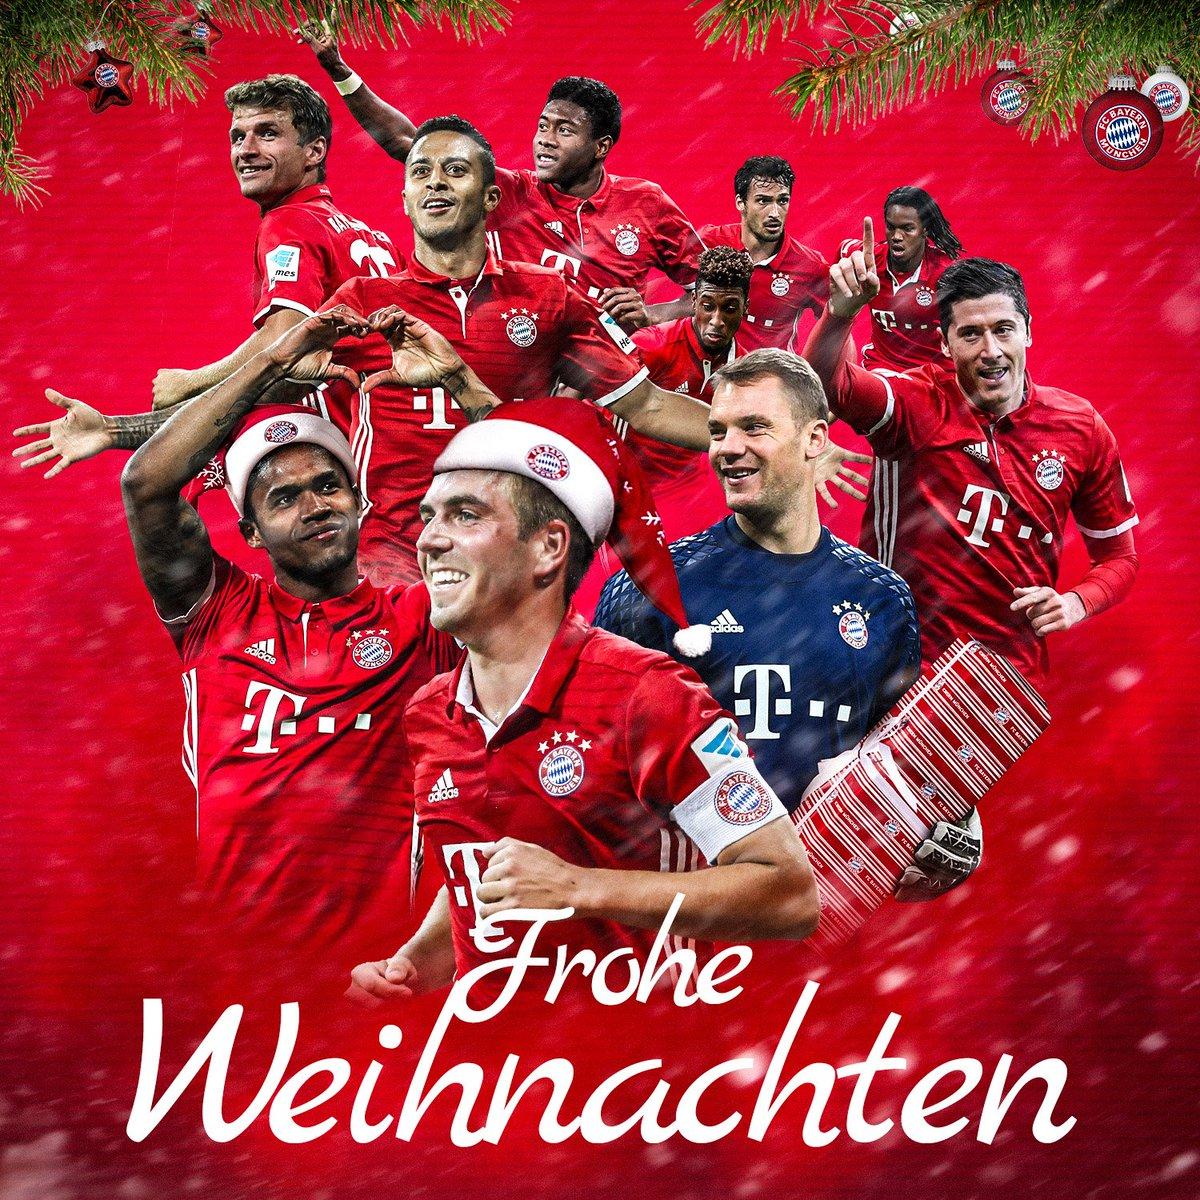 Wir wünschen allen #FCBayern-Fans ein frohes Weihnachtsfest! 🎁 🎅 #FCBXmas